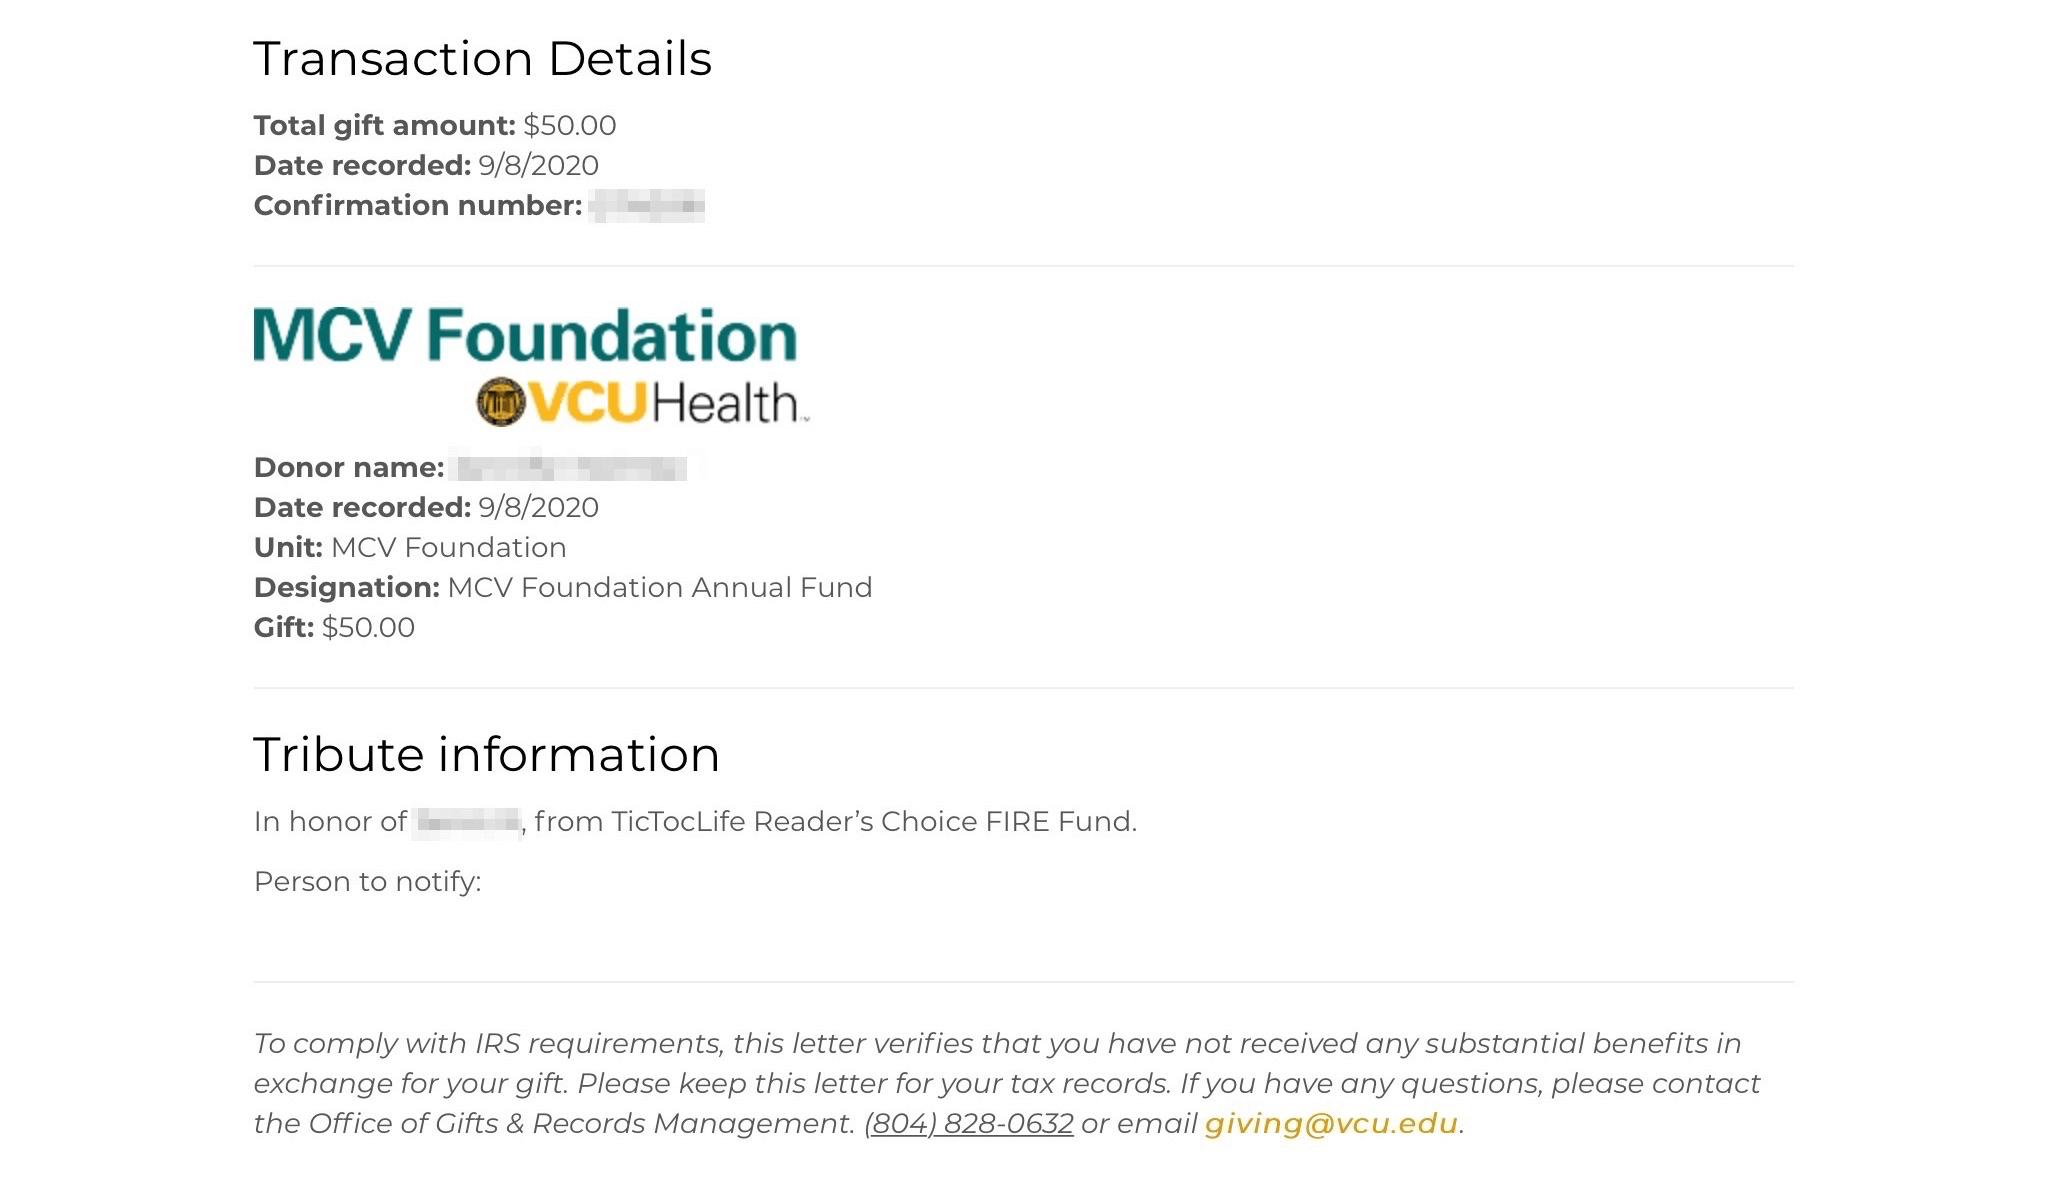 ttl-mcv-foundation-daf-1